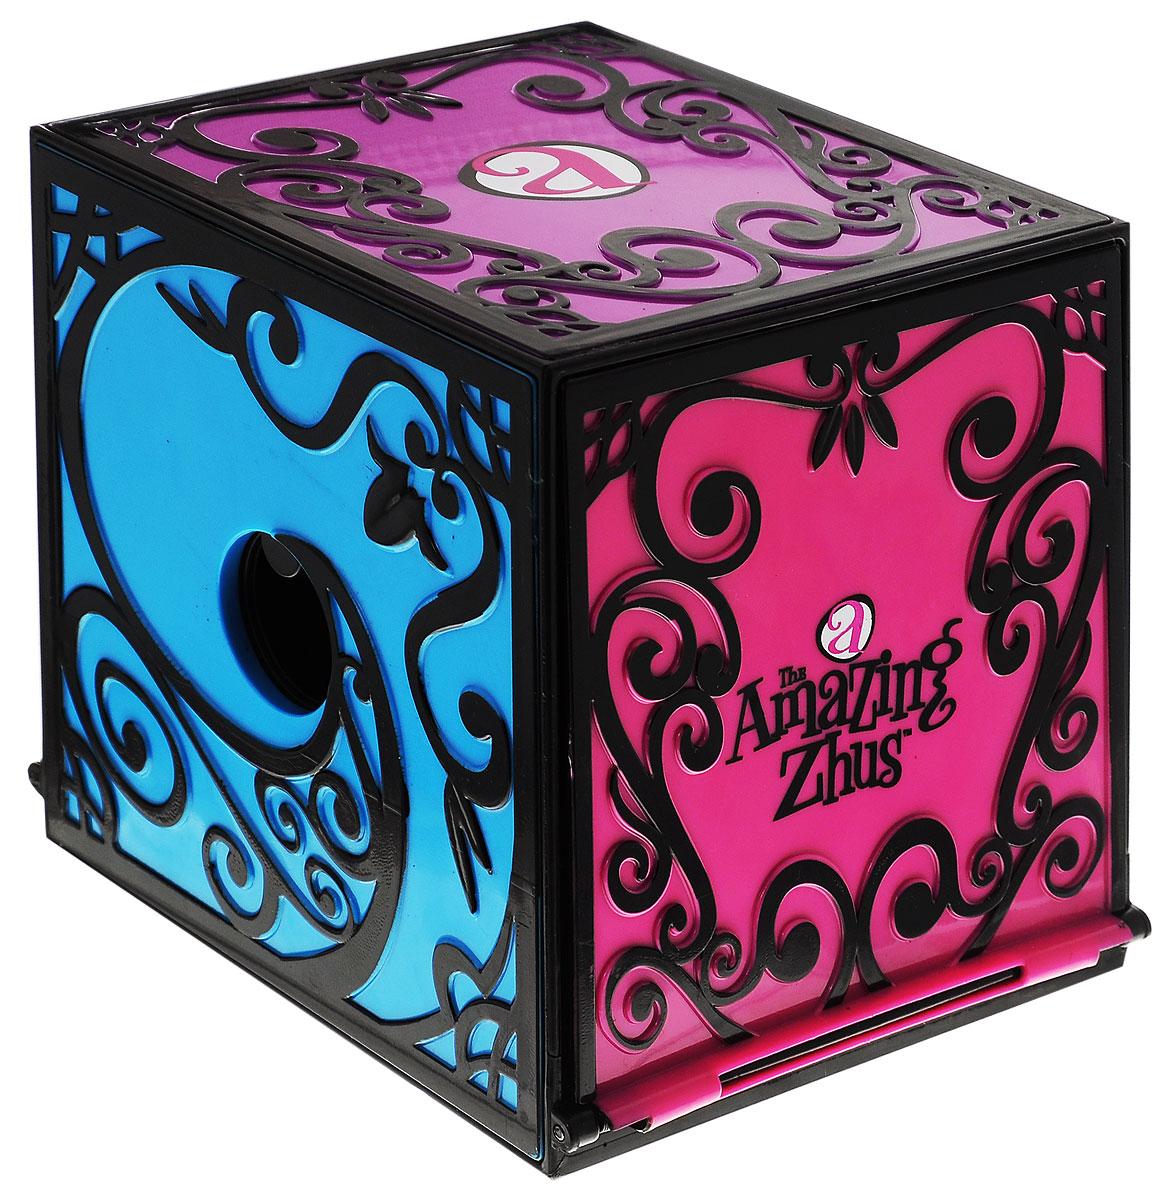 Amazing Zhus Игрушка Коробка для фокуса с исчезновением26230Игрушка Amazing Zhus Игрушка Коробка для фокуса с исчезновением предназначена для демонстрации фокусов с мышками Amazing Zhus (продаются отдельно). Покажите зрителям, что ящик пуст. Посадите туда мышку Amazing Zhus, произнесите волшебное слово, и мышка исчезнет! Вы сможете продемонстрировать изумленным зрителям, что мышки в ящике больше нет. Успех вашему фокусу обеспечен!